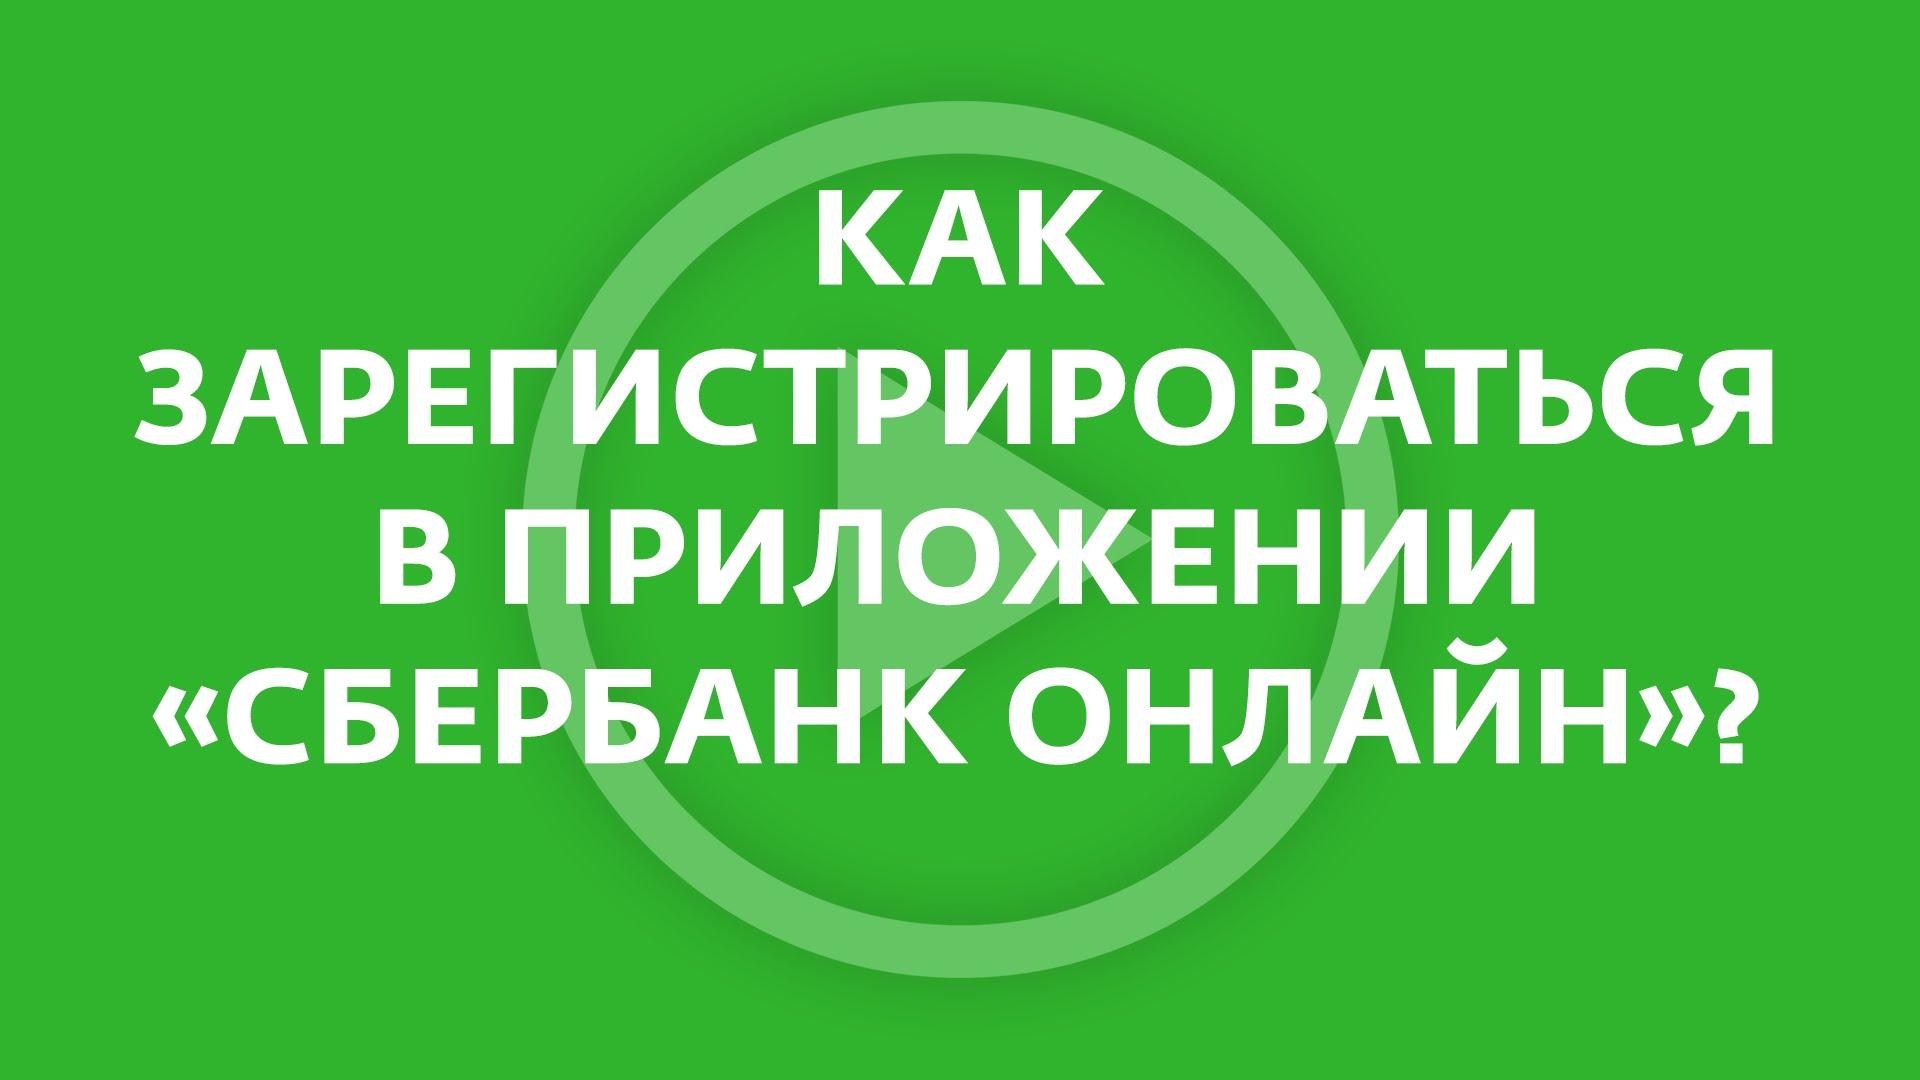 Анастасия Рыбакова - Специалист по ипотечному